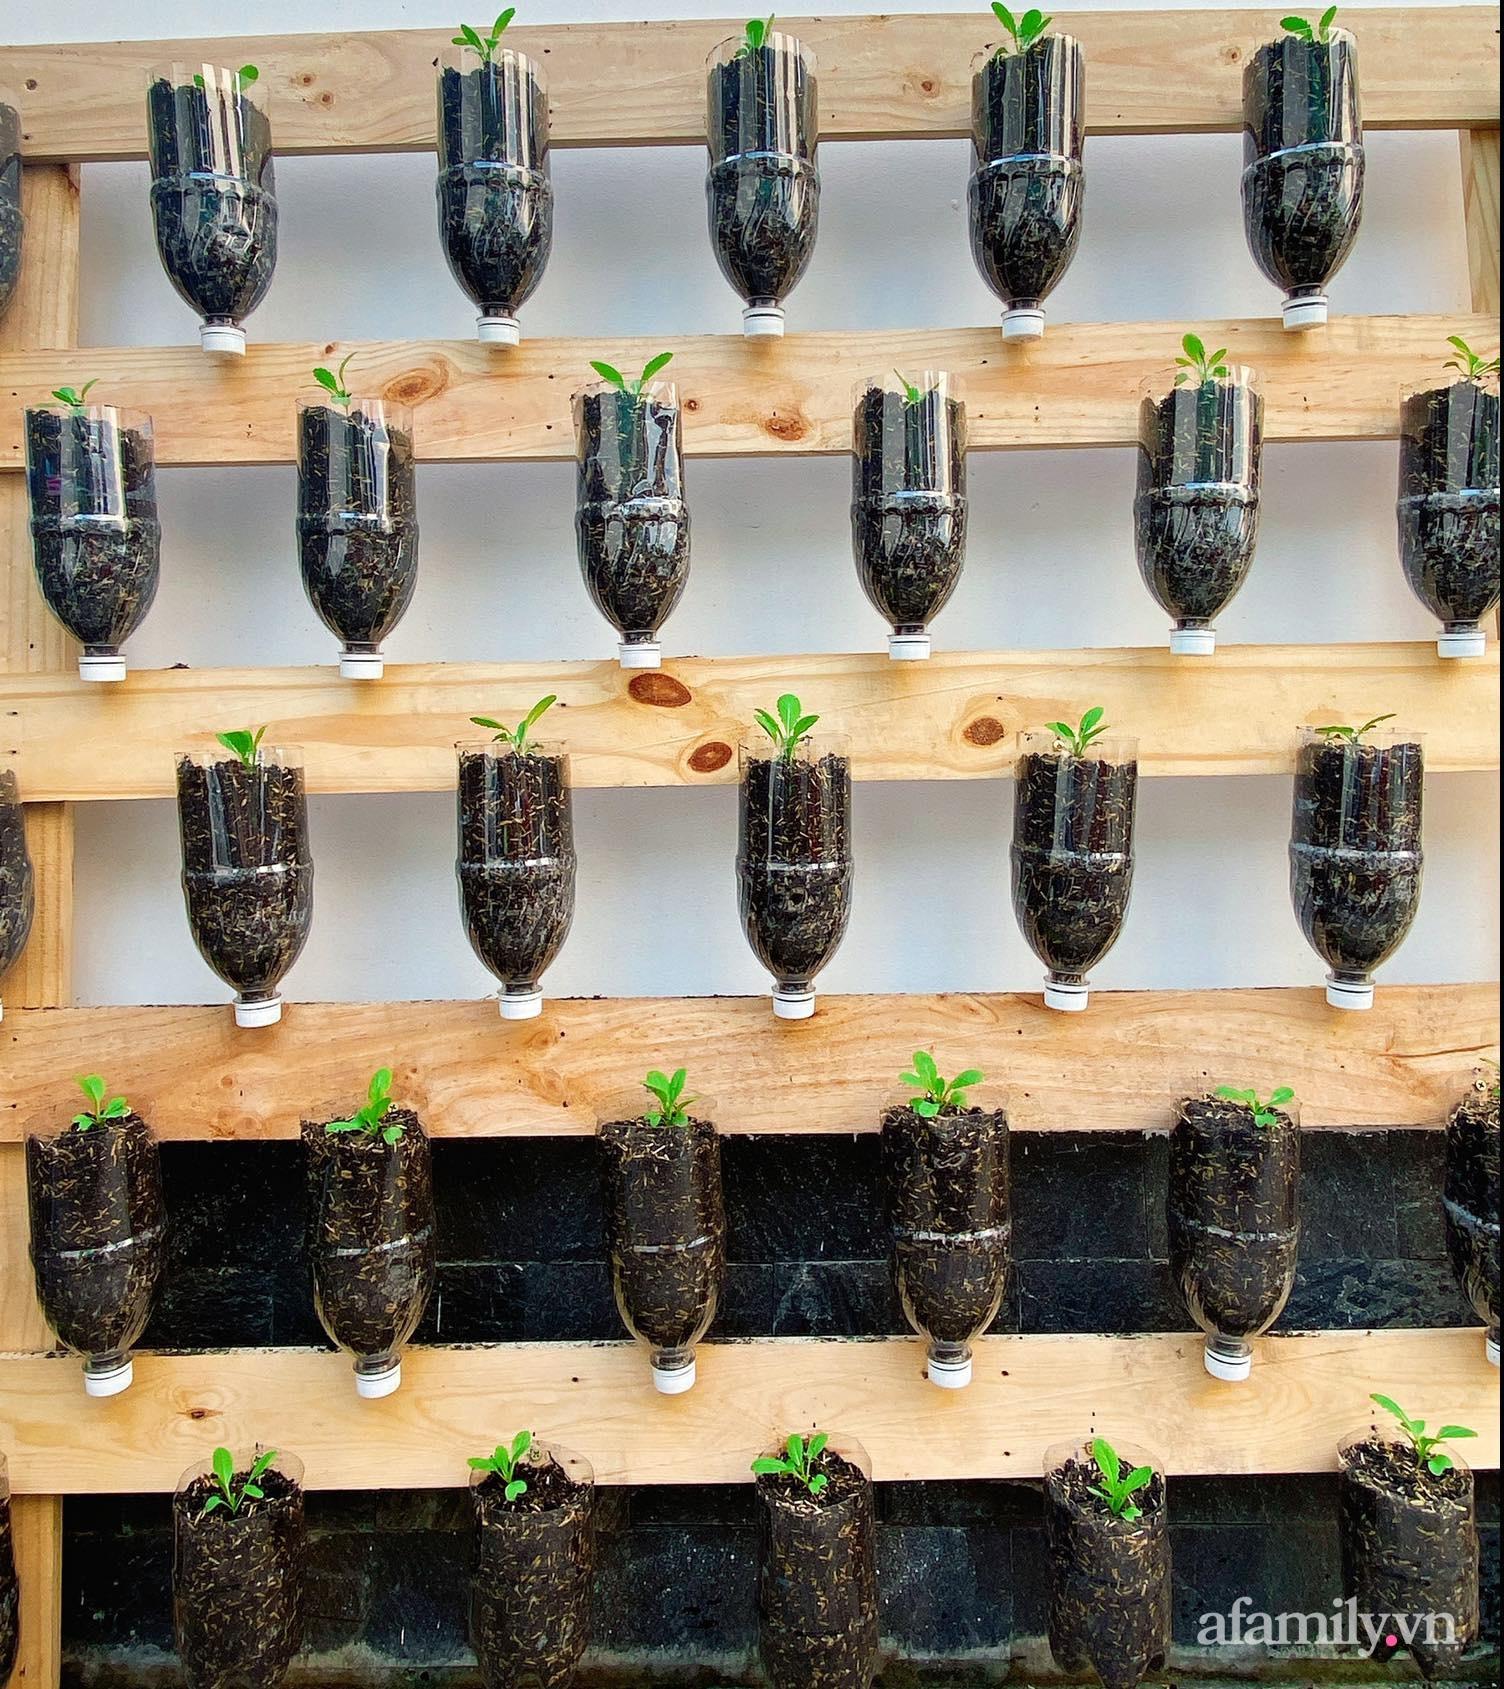 Học cô gái Tiền Giang tận dụng chai nhựa trồng rau sạch trong mùa dịch - Ảnh 5.